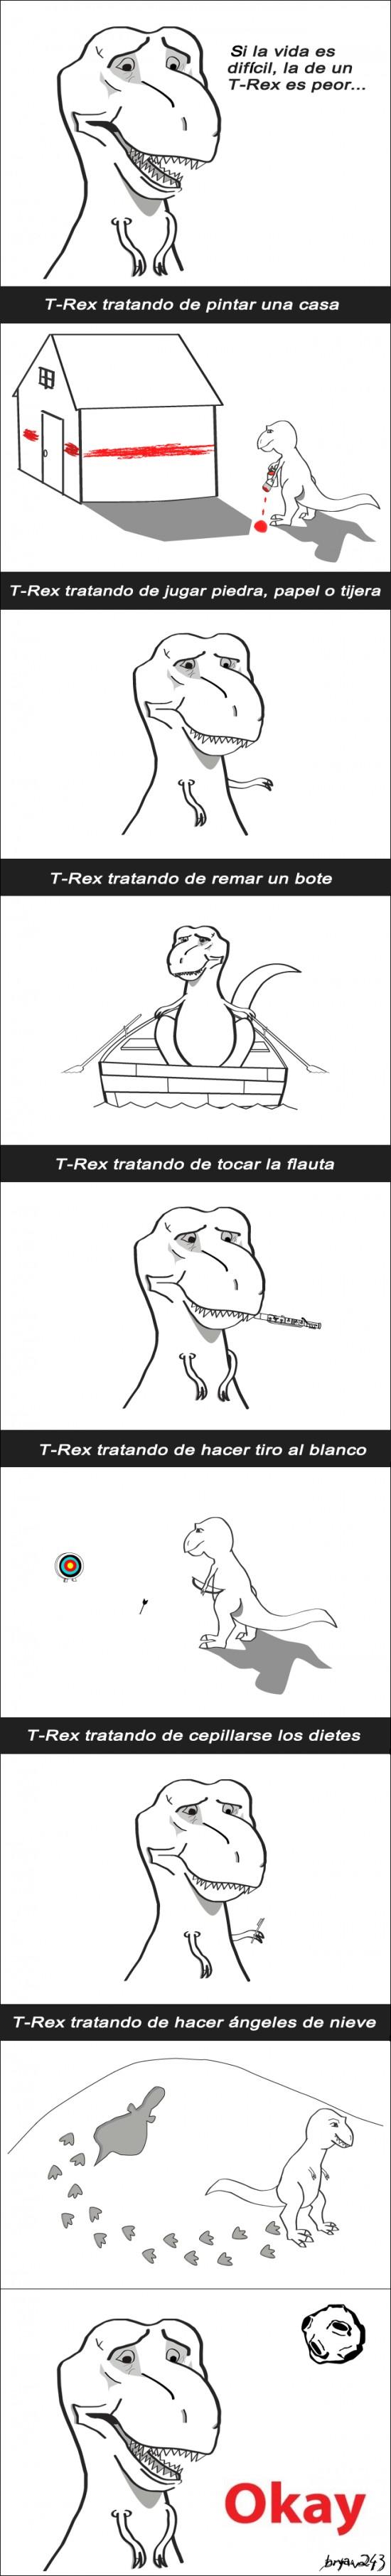 brazos cortos,dinosaurio,okay,t-rex